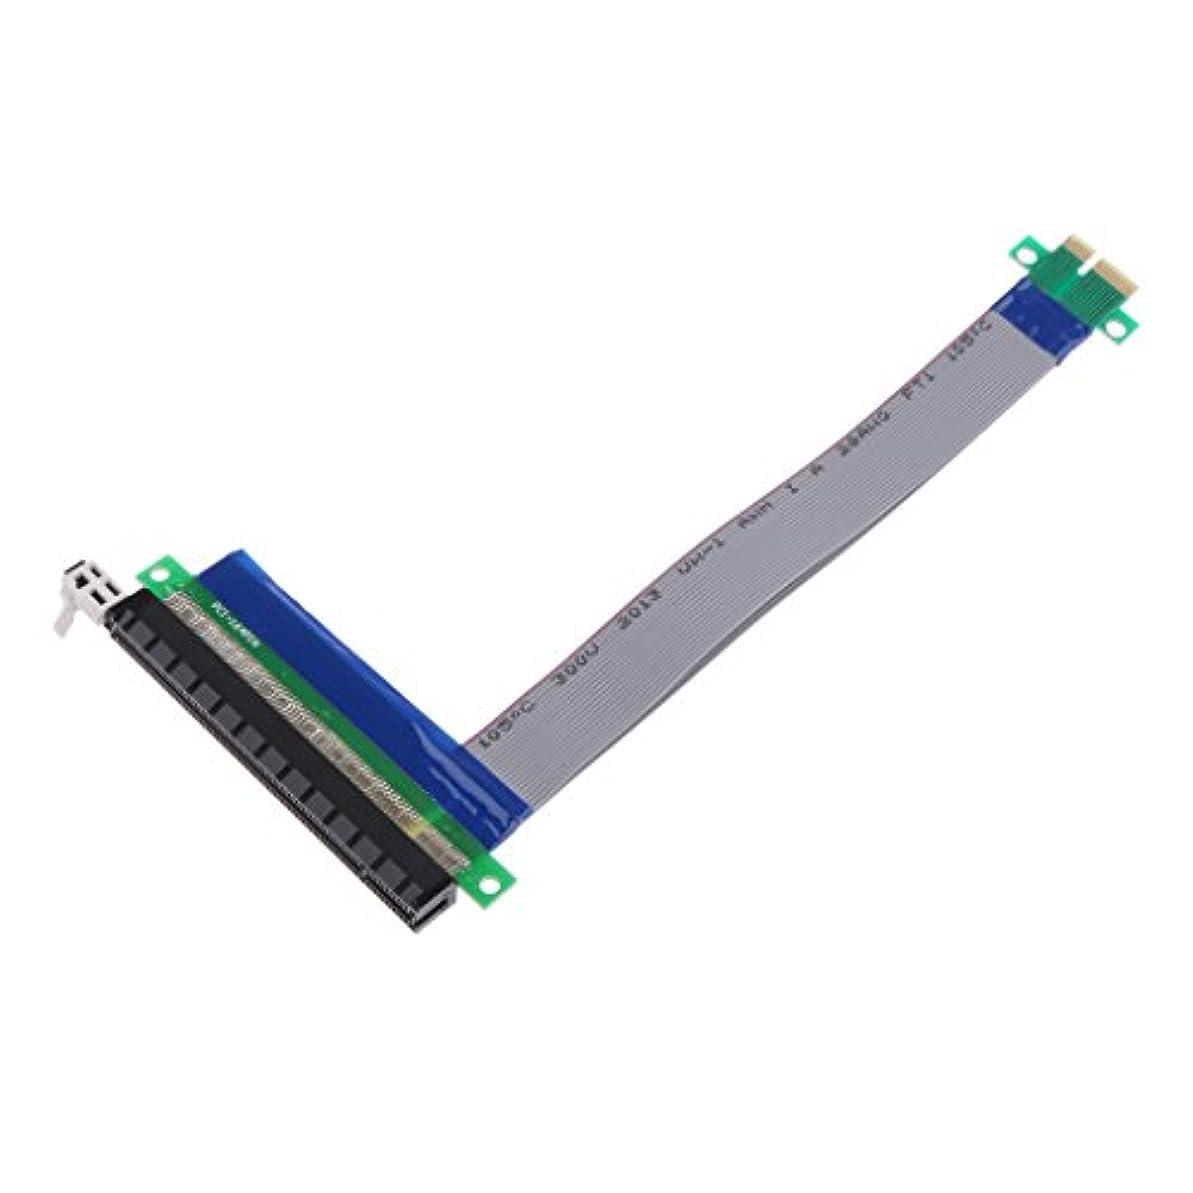 大通り間隔領域Sharplace ABS +銅線 PCI-E 1x→ 16x ライザー カード リボン エクステンダー 拡張ケーブル カード アダプター